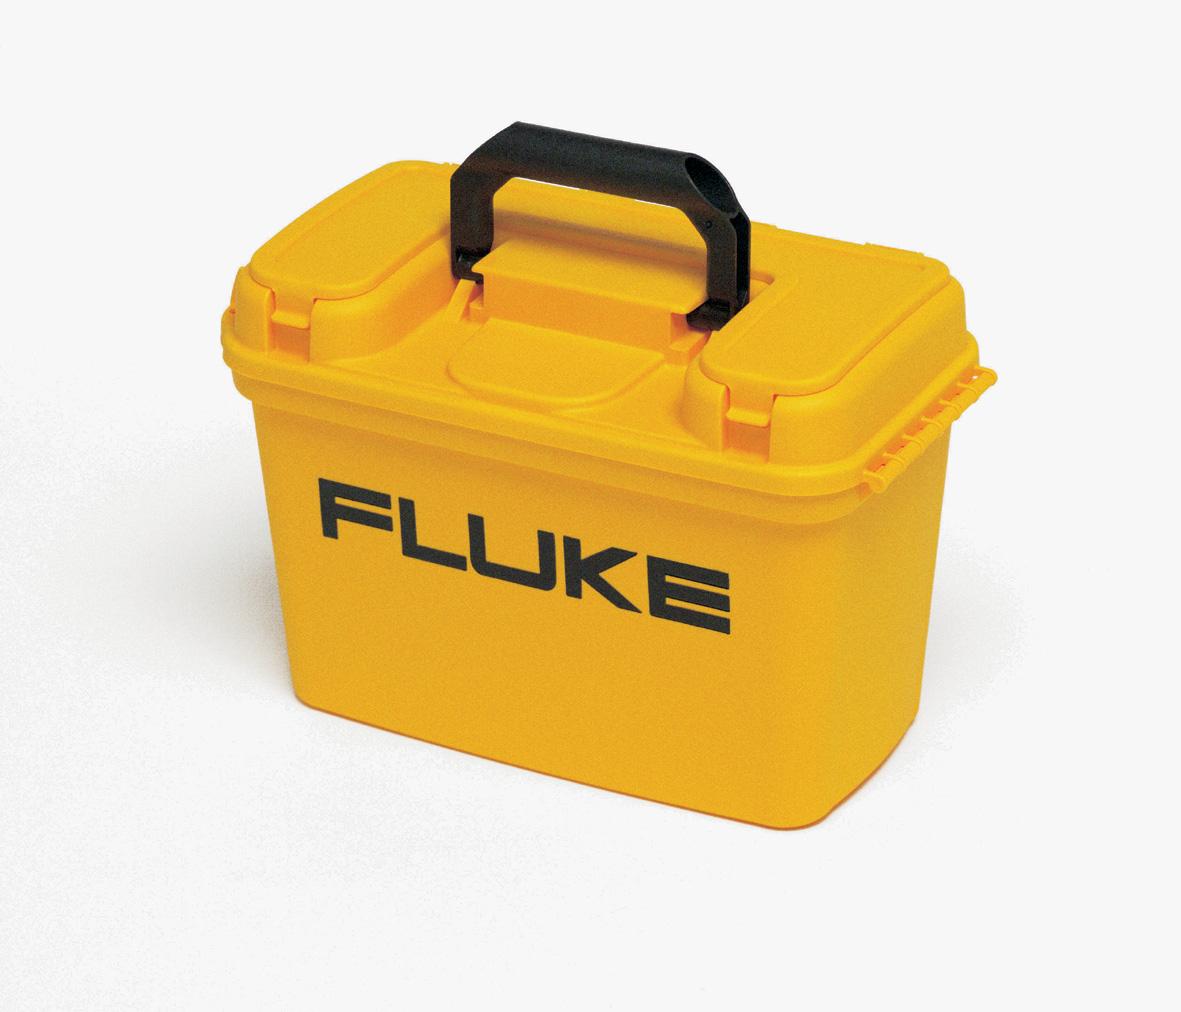 Fluke C1600 Gear Box